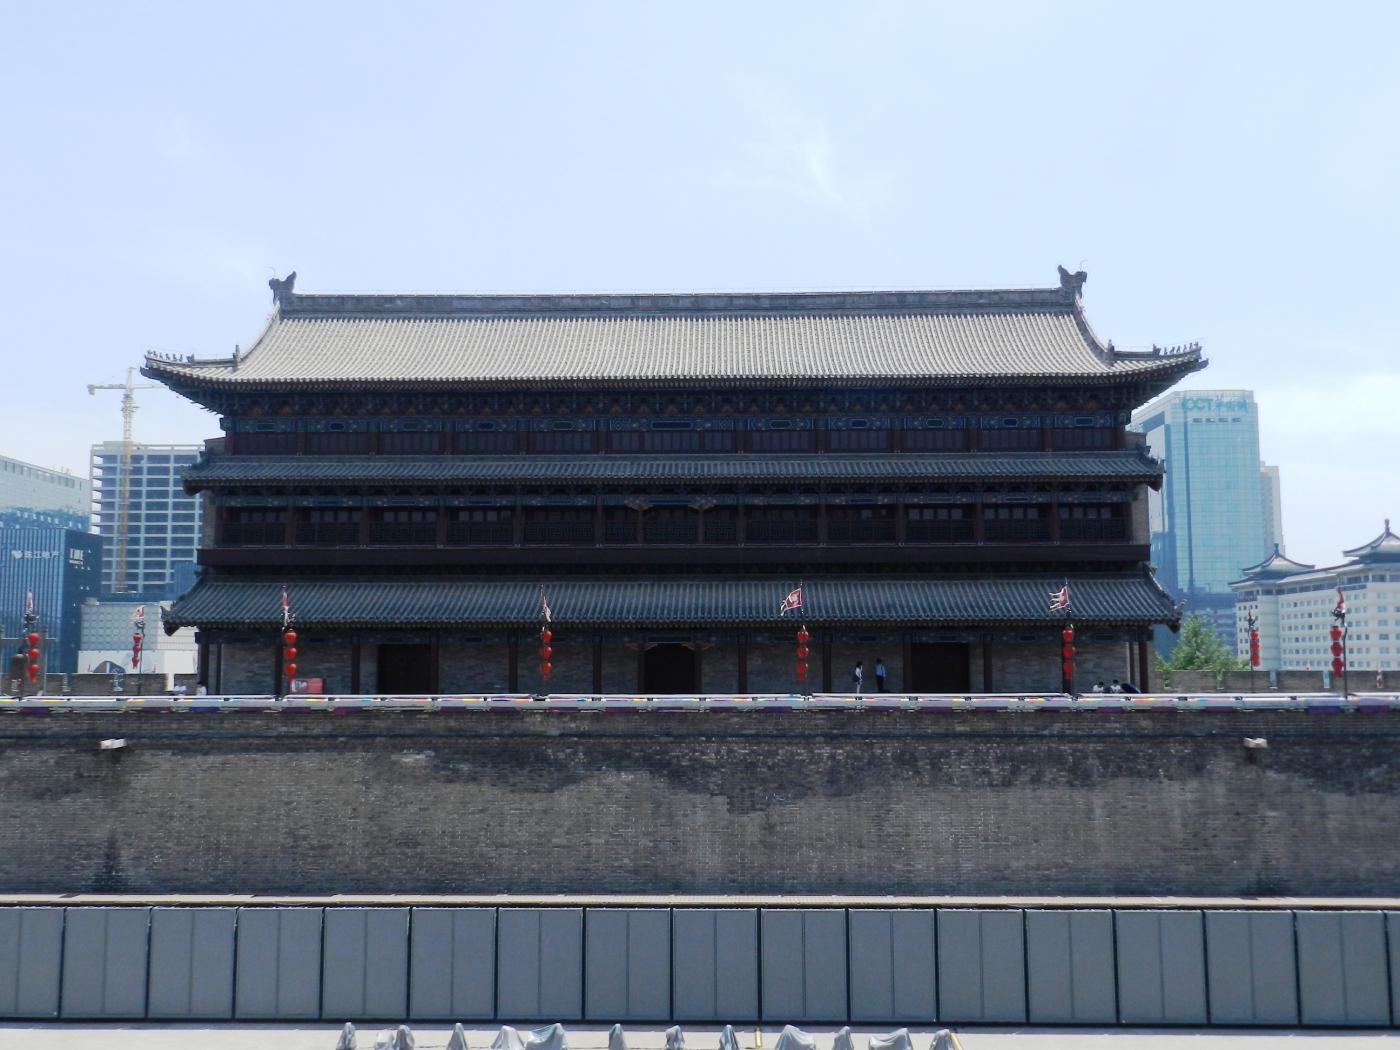 【汉良子】西安城墙(图)_图1-12